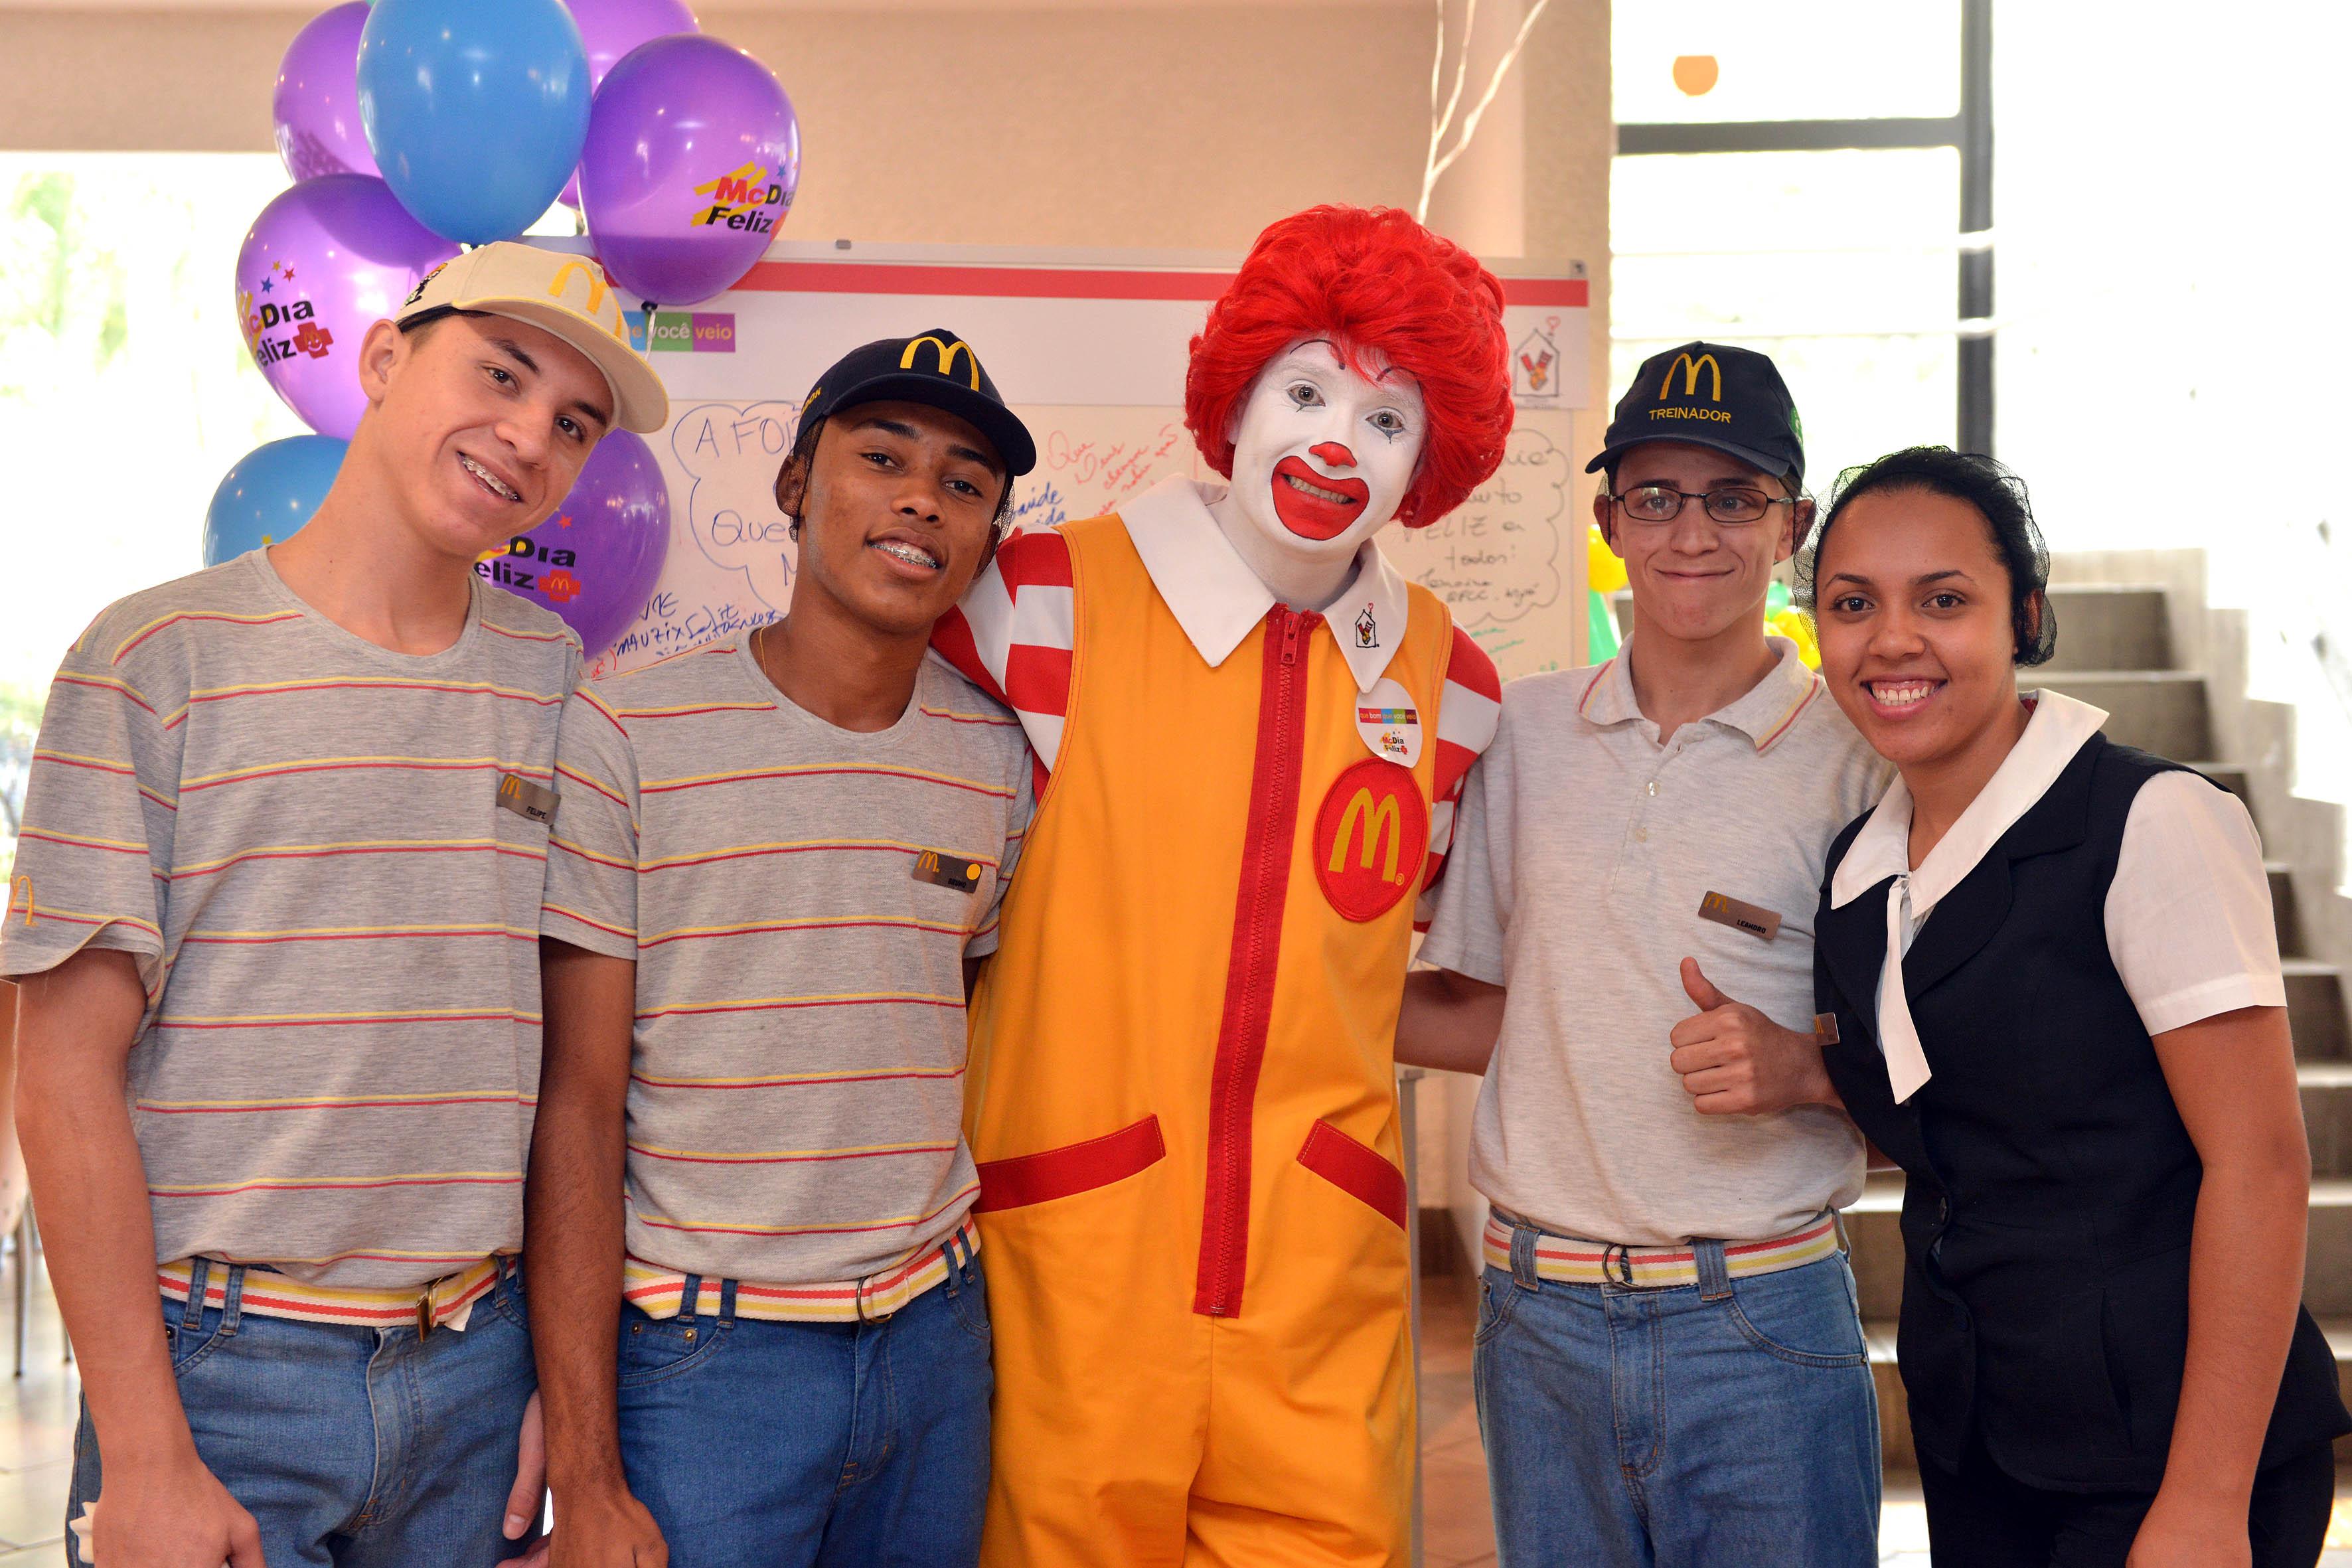 ca1200ebe92 McDia Feliz  campanha vai ajudar crianças e adolescentes com câncer no  Espírito Santo